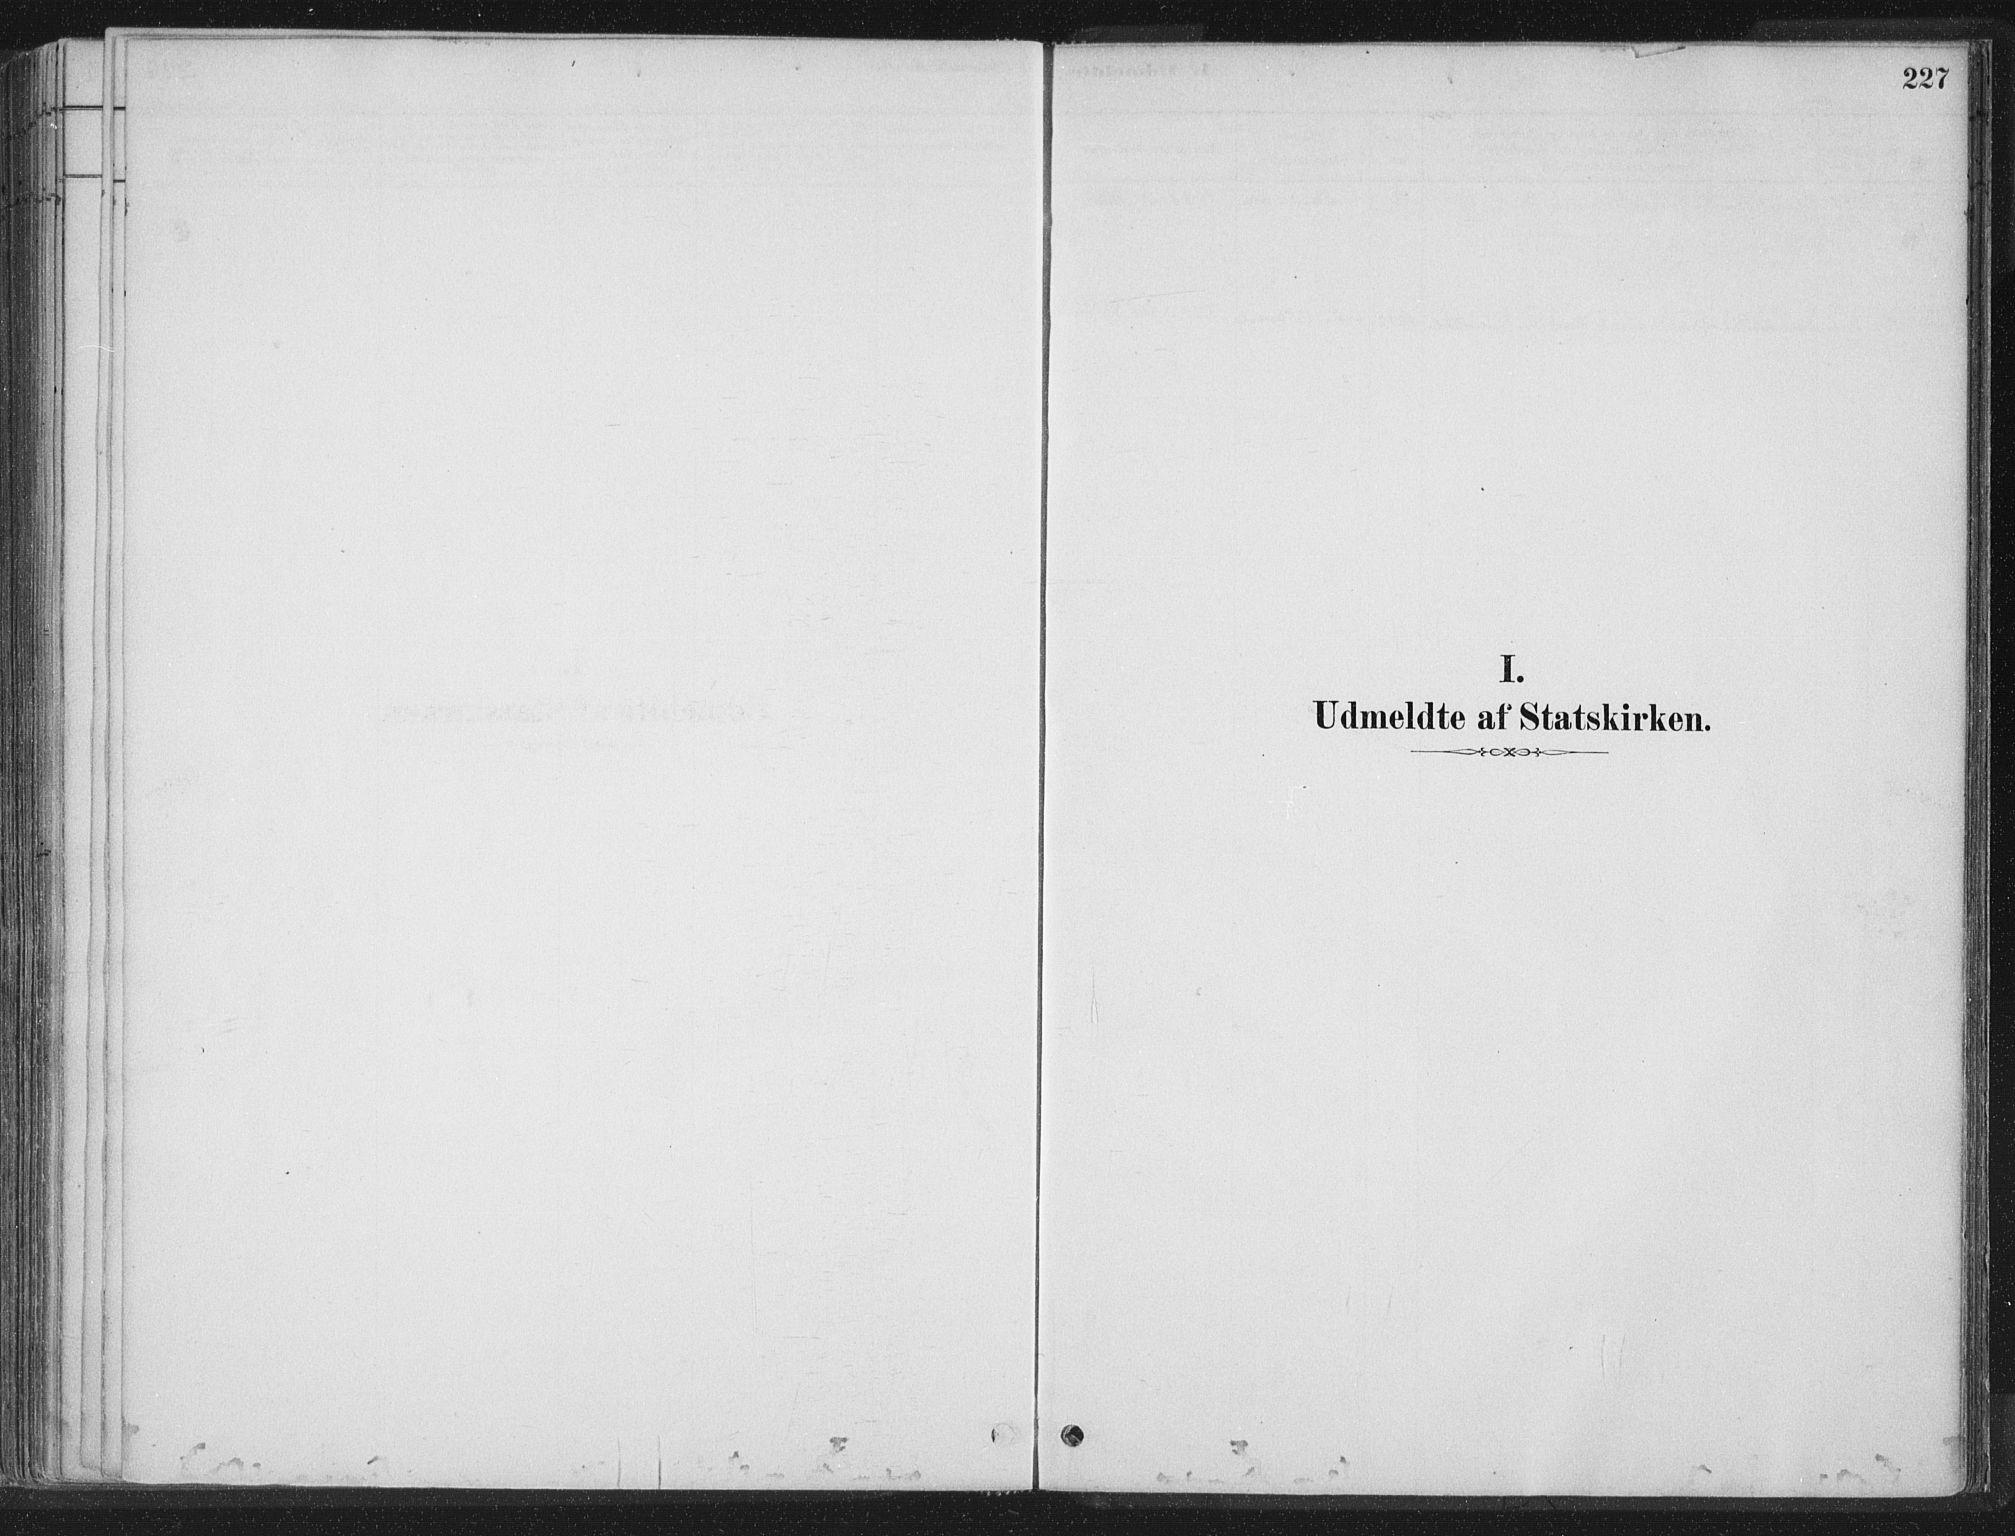 SAT, Ministerialprotokoller, klokkerbøker og fødselsregistre - Nord-Trøndelag, 788/L0697: Ministerialbok nr. 788A04, 1878-1902, s. 227